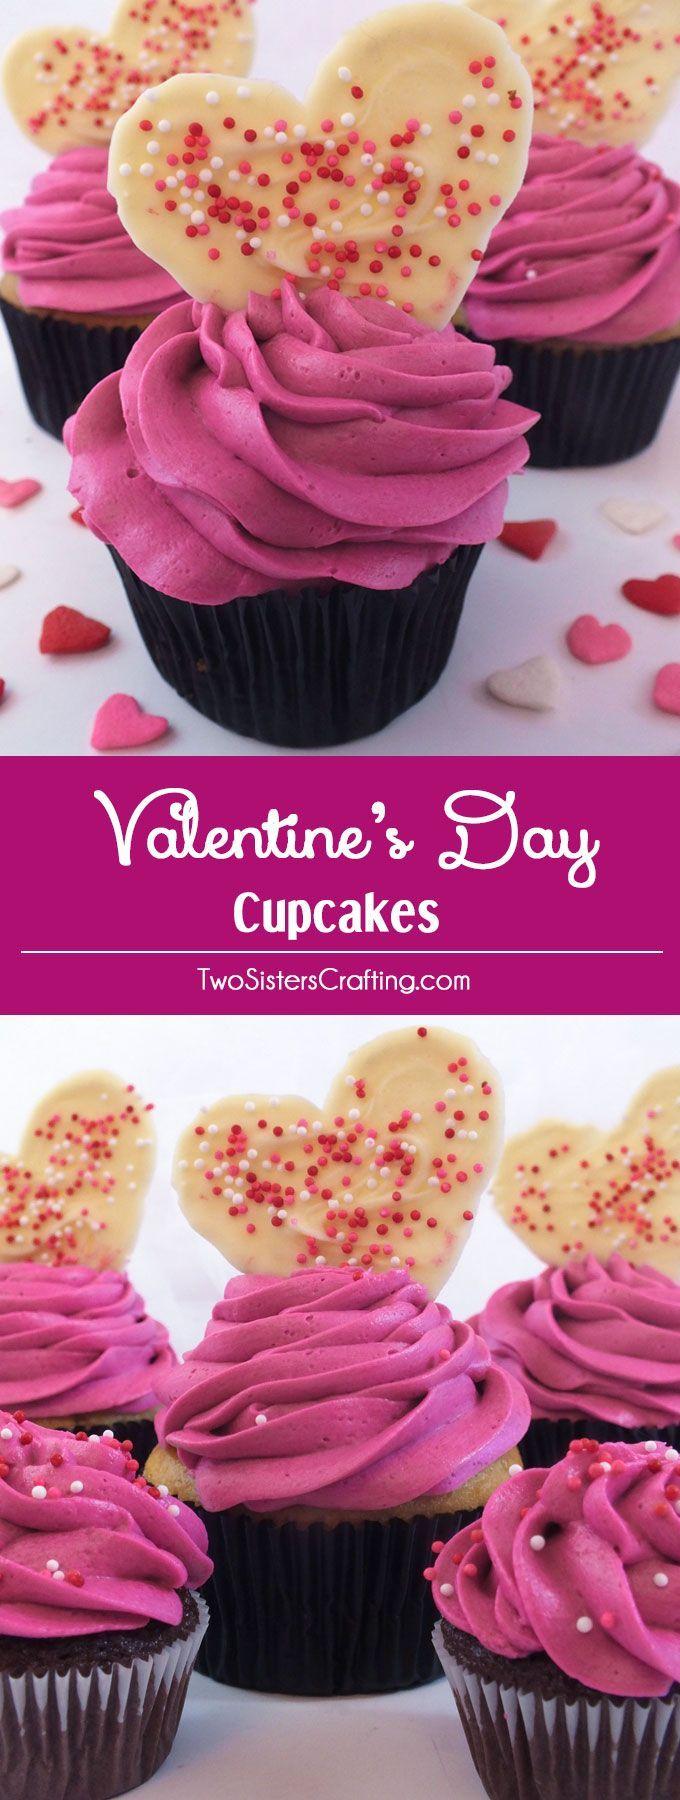 fa2f74db34ac38a1ec458bc3630a5bdf valentine day cupcakes funny valentine - Our Valentine's Day Cupcakes are so easy to make - you'll just need a cu...